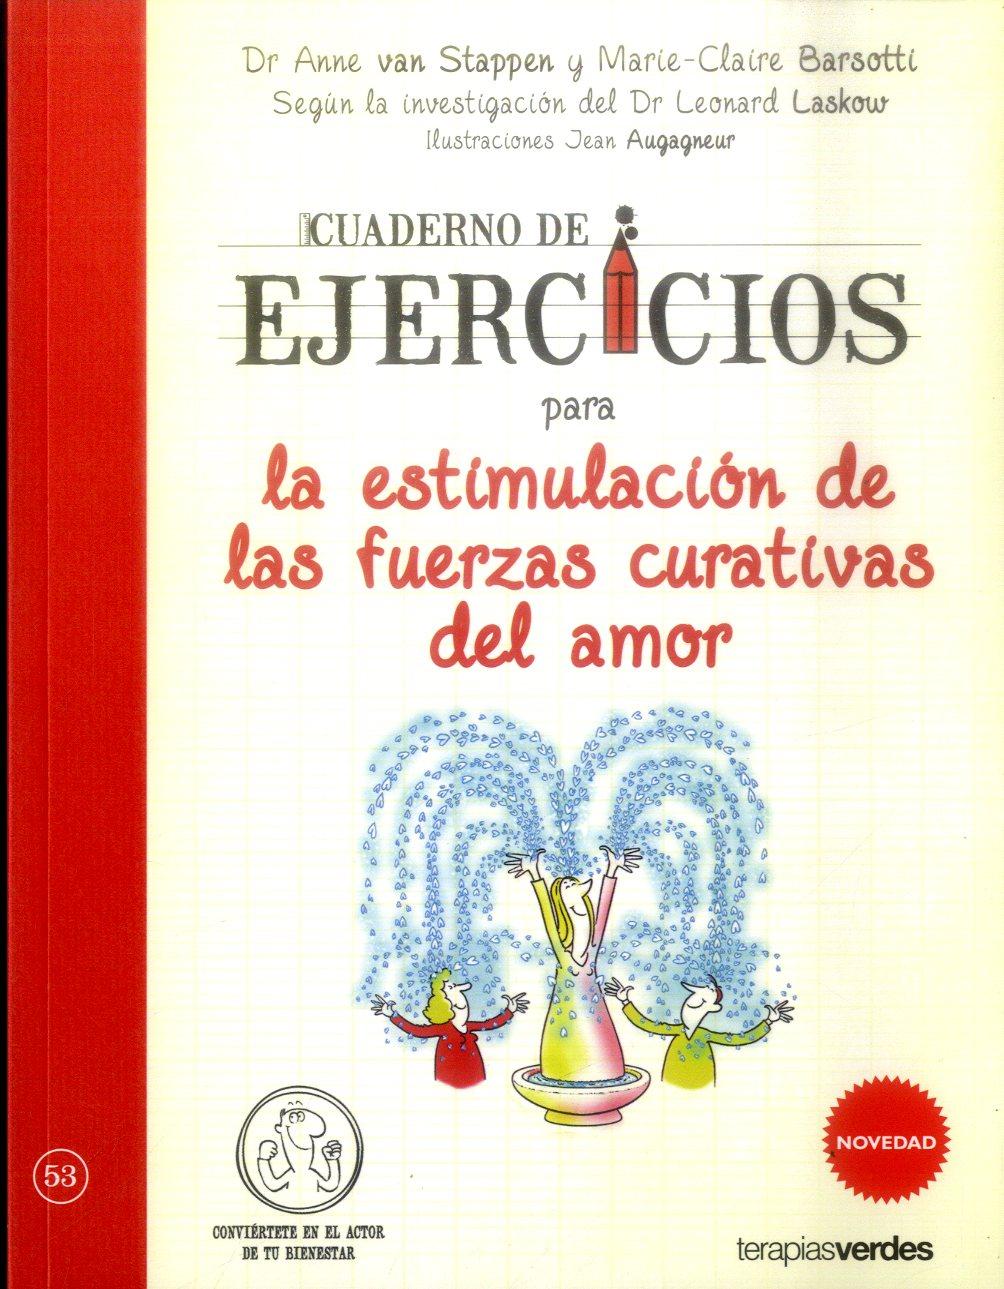 Cuaderno de Ejercicios Para la Estimulacion de las Fuerzas Curativas del Amor - Various Authors - Terapias Verdes